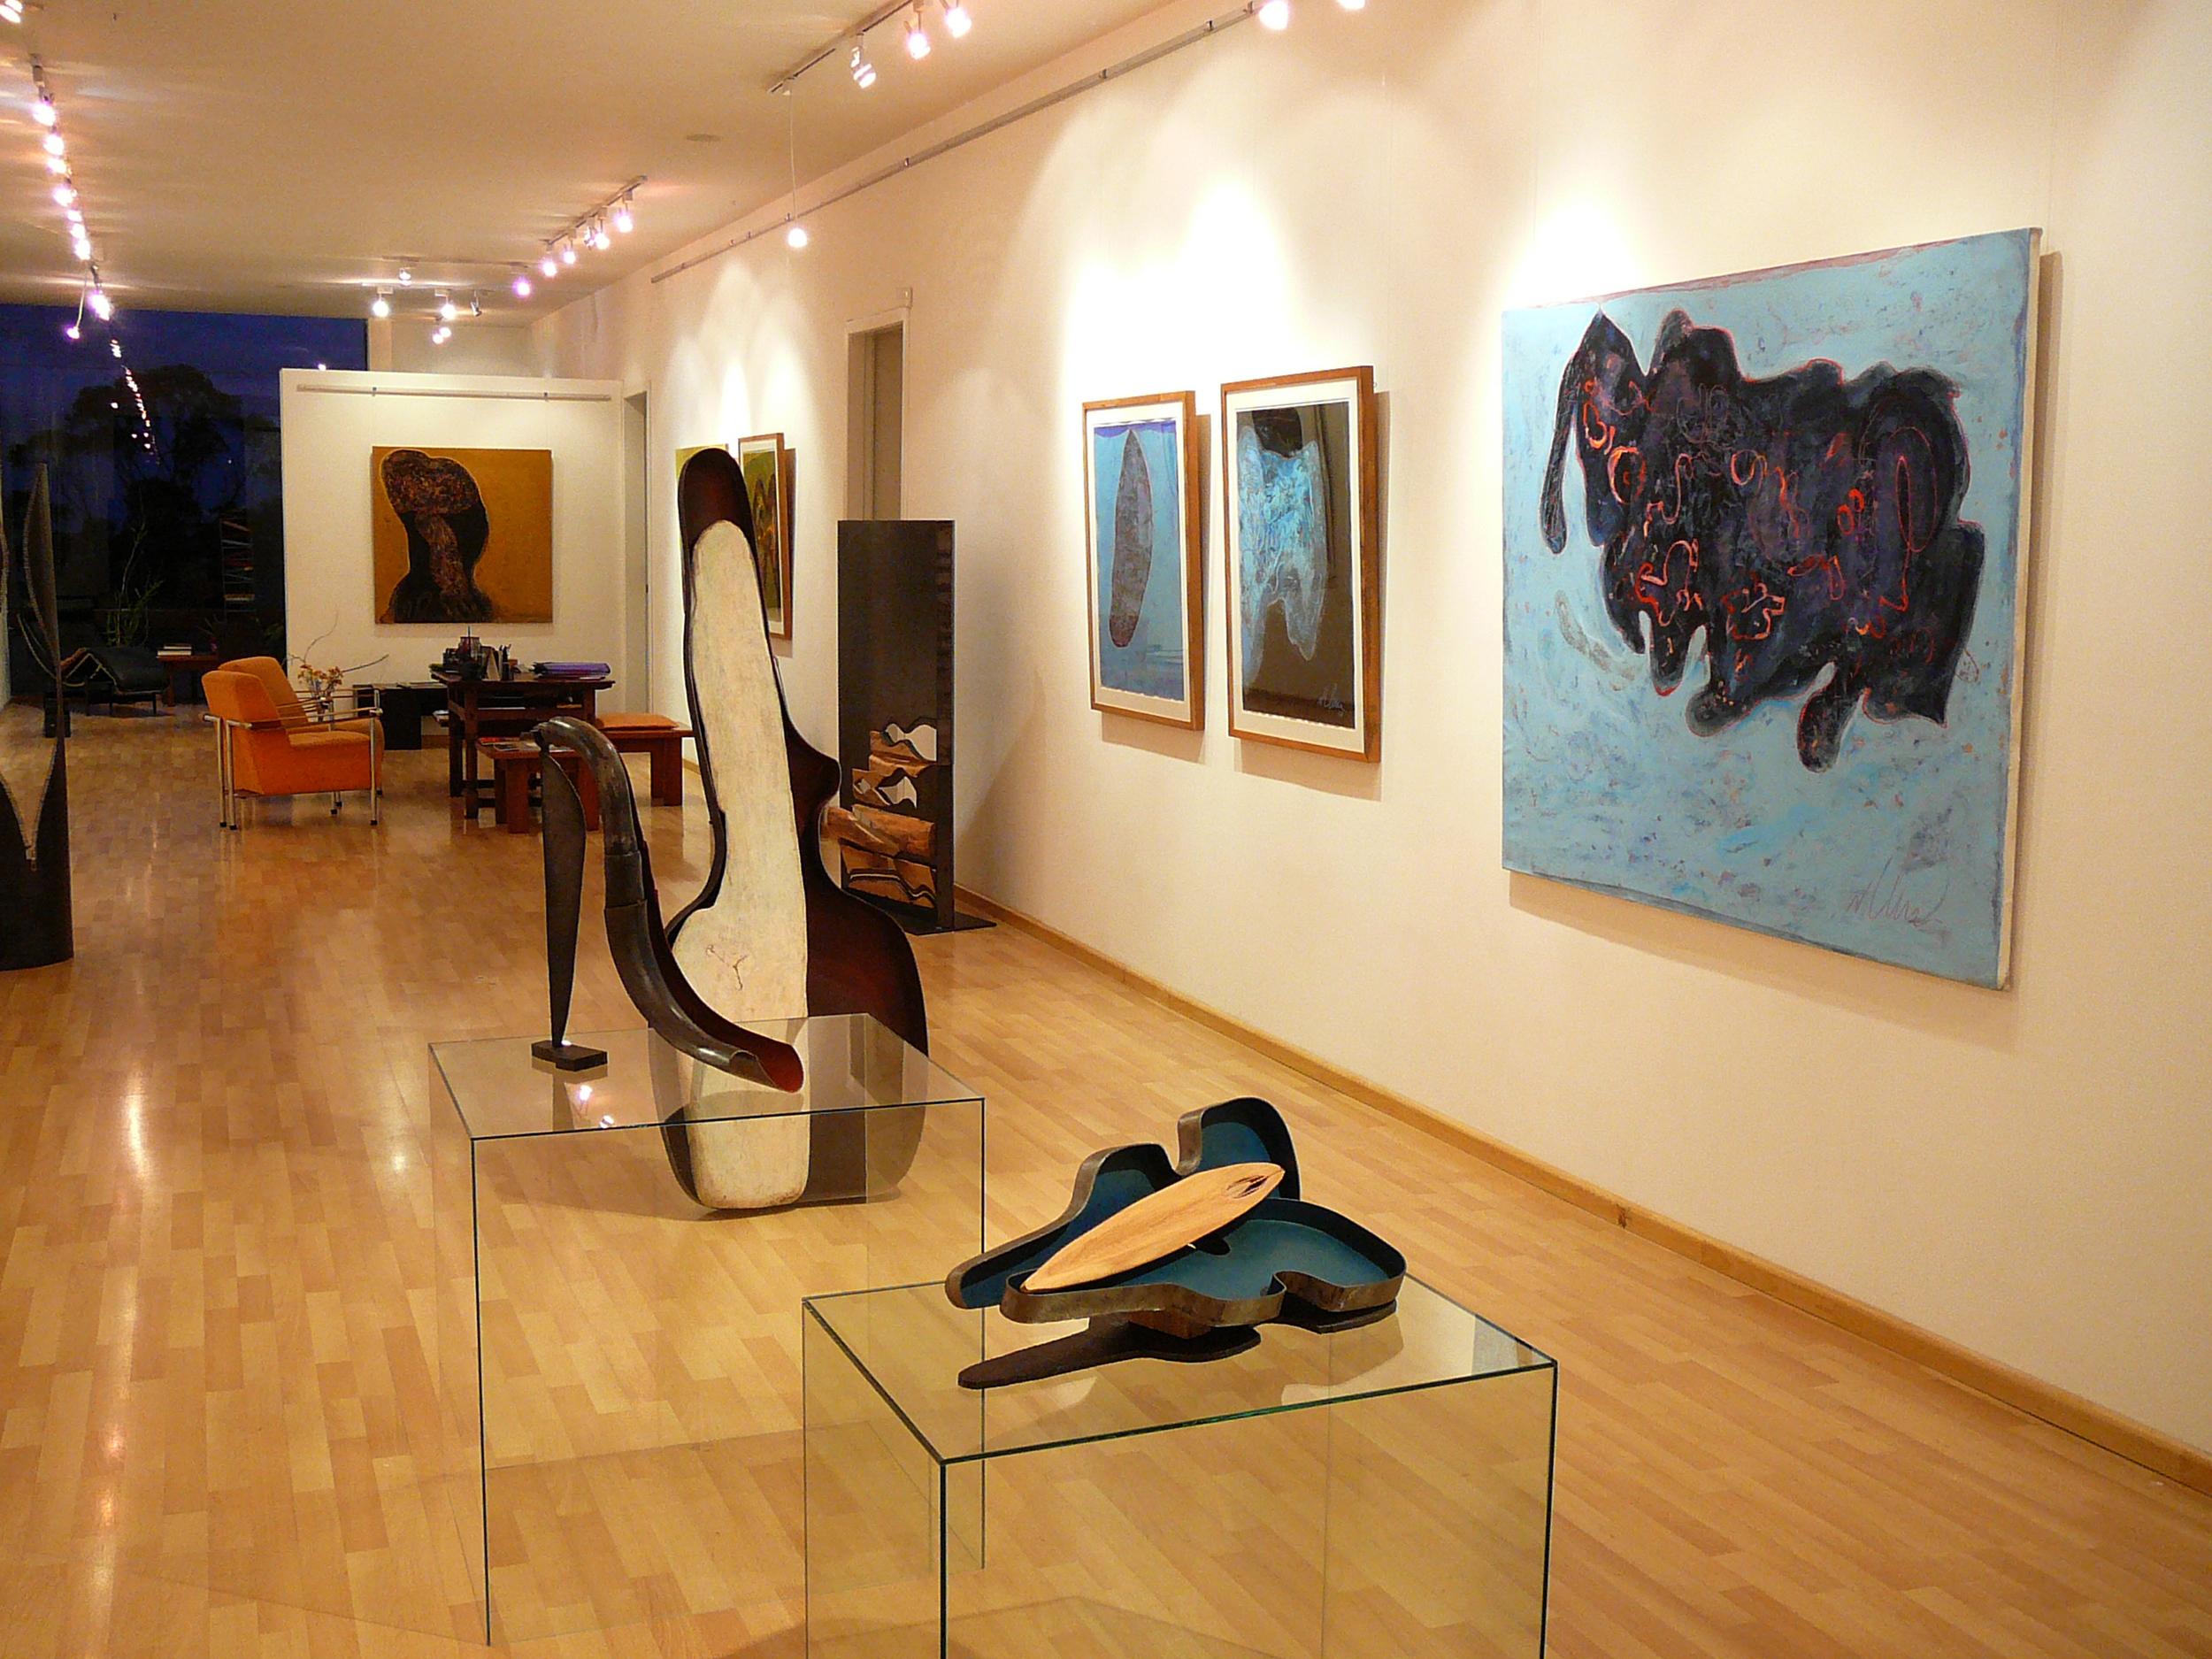 Exposición Unda y Baca mayo 2013 081.JPG